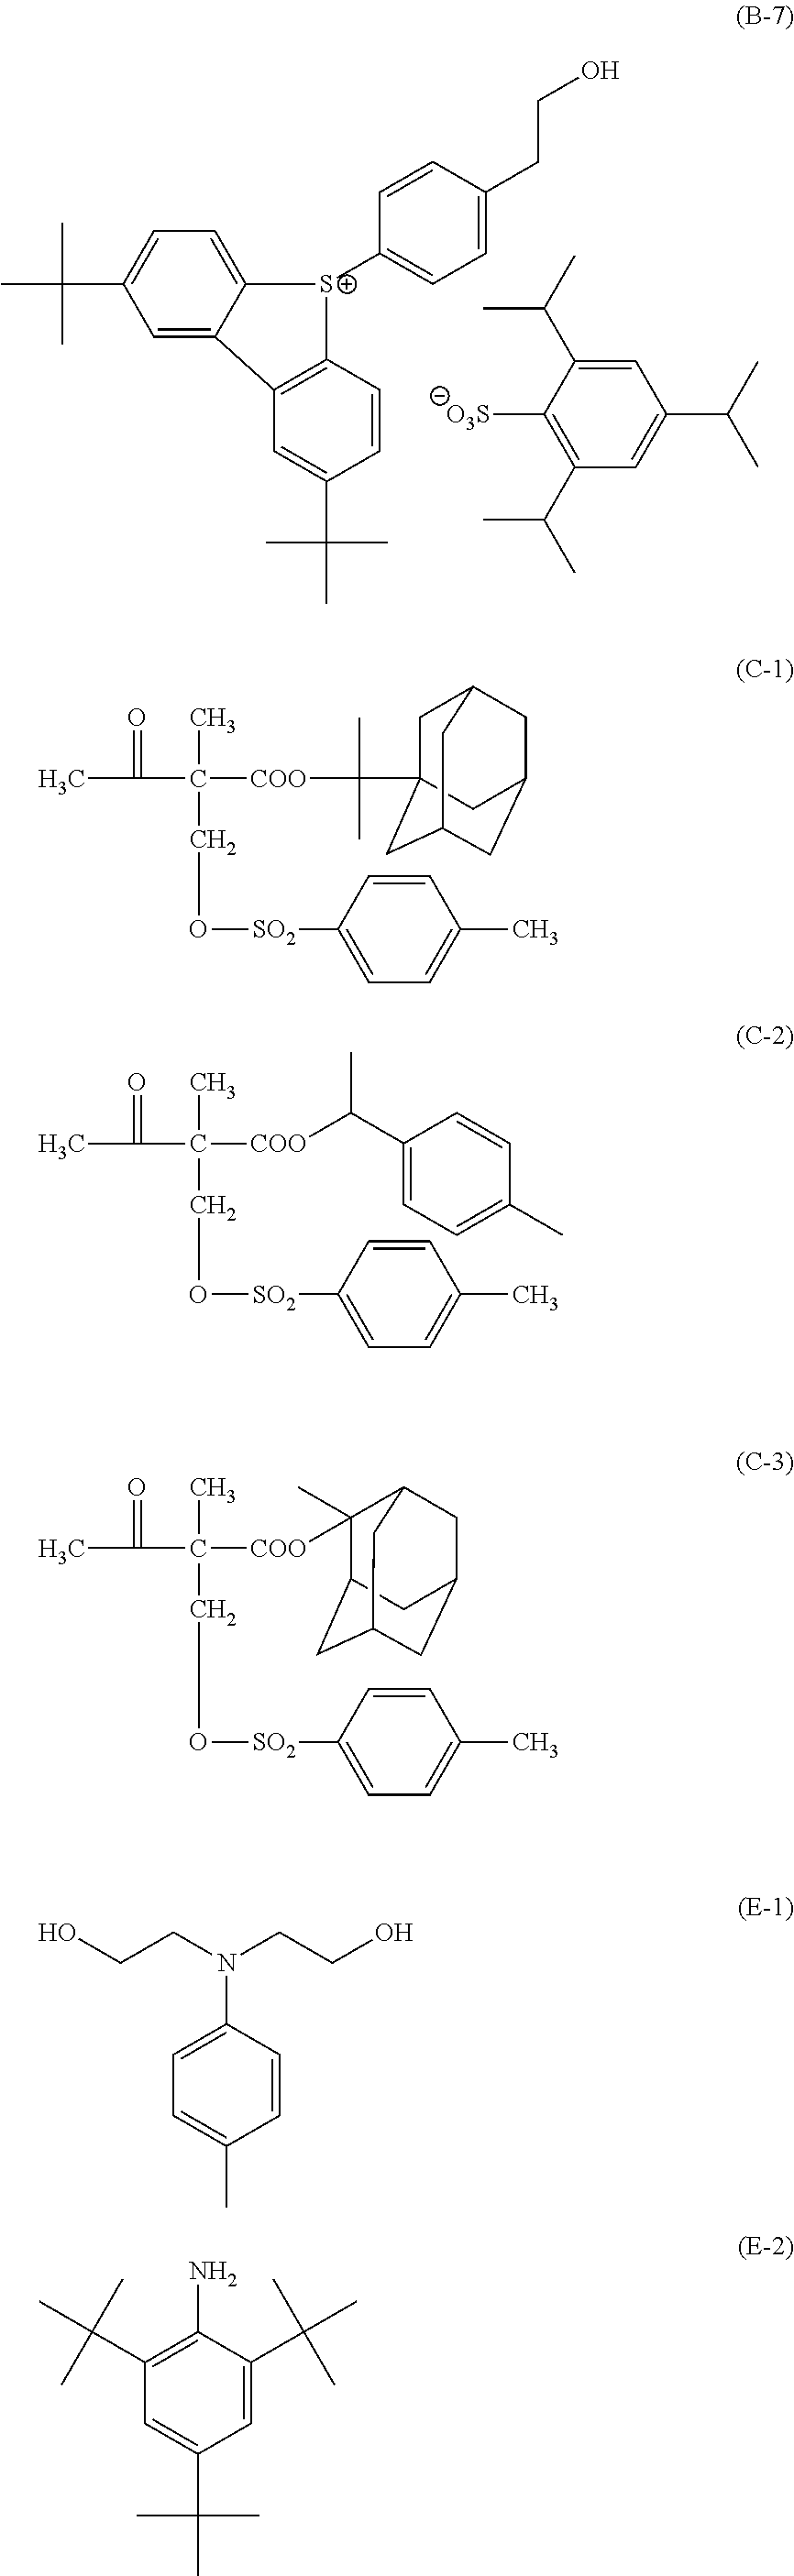 Figure US20110183258A1-20110728-C00292